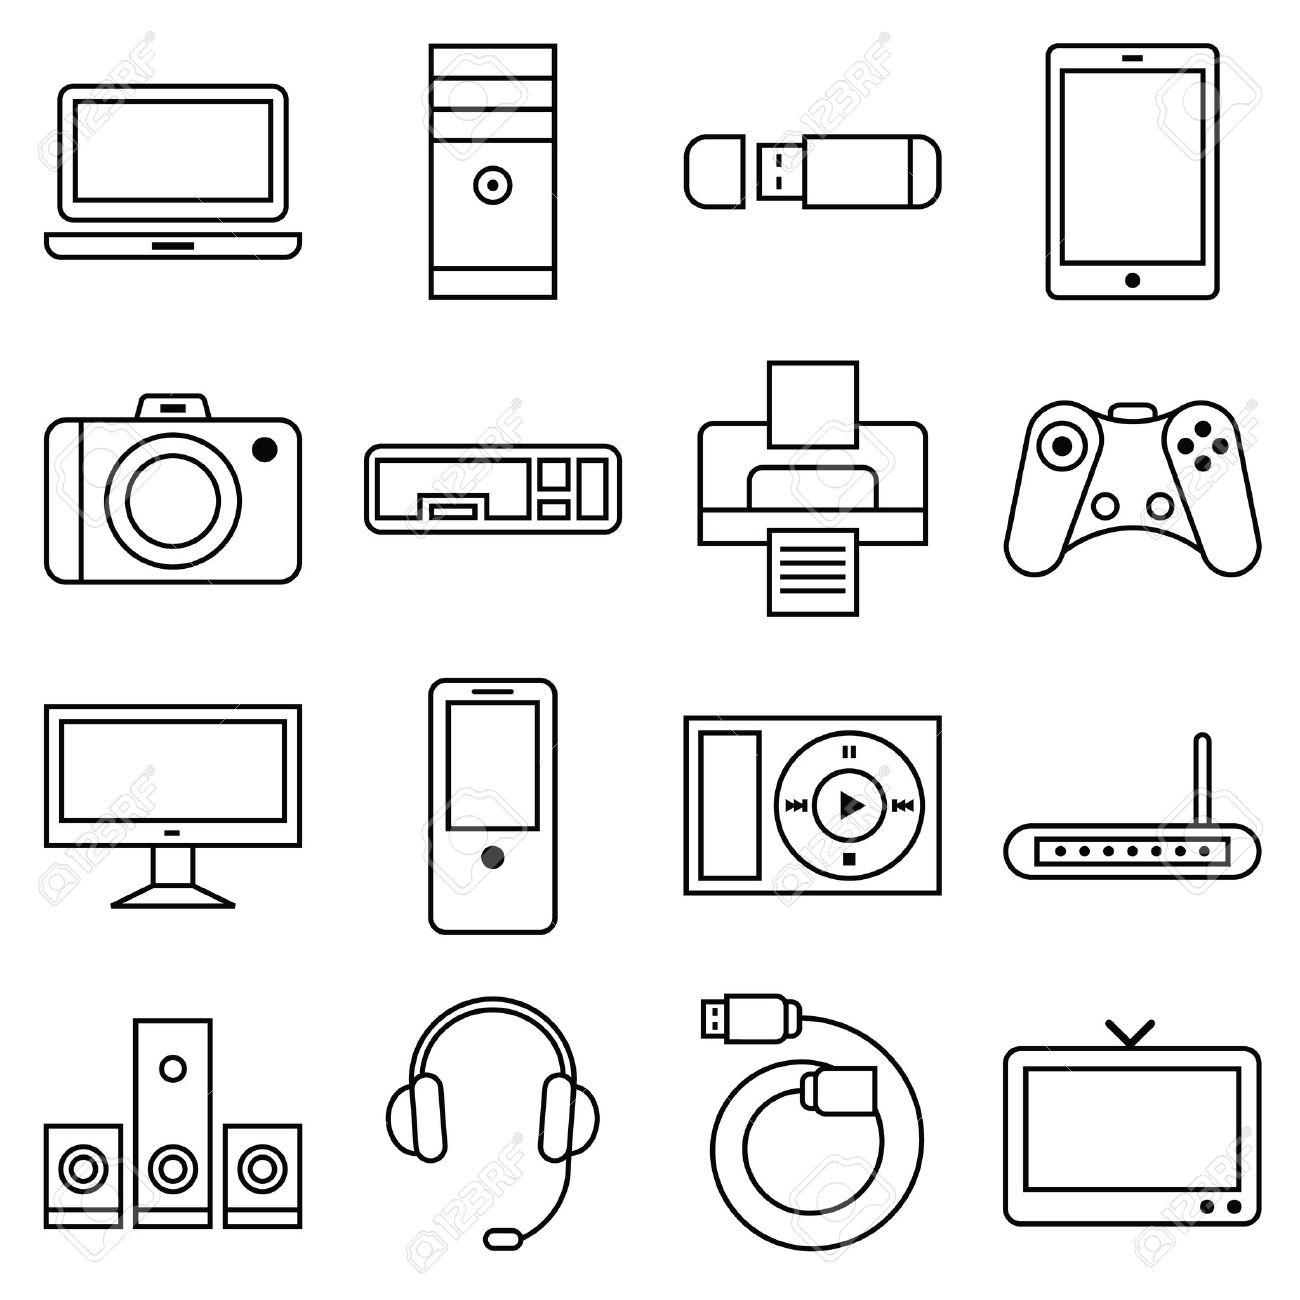 Vektor-Illustration Aus Einer Reihe Von Linearen Symbole Computer ...